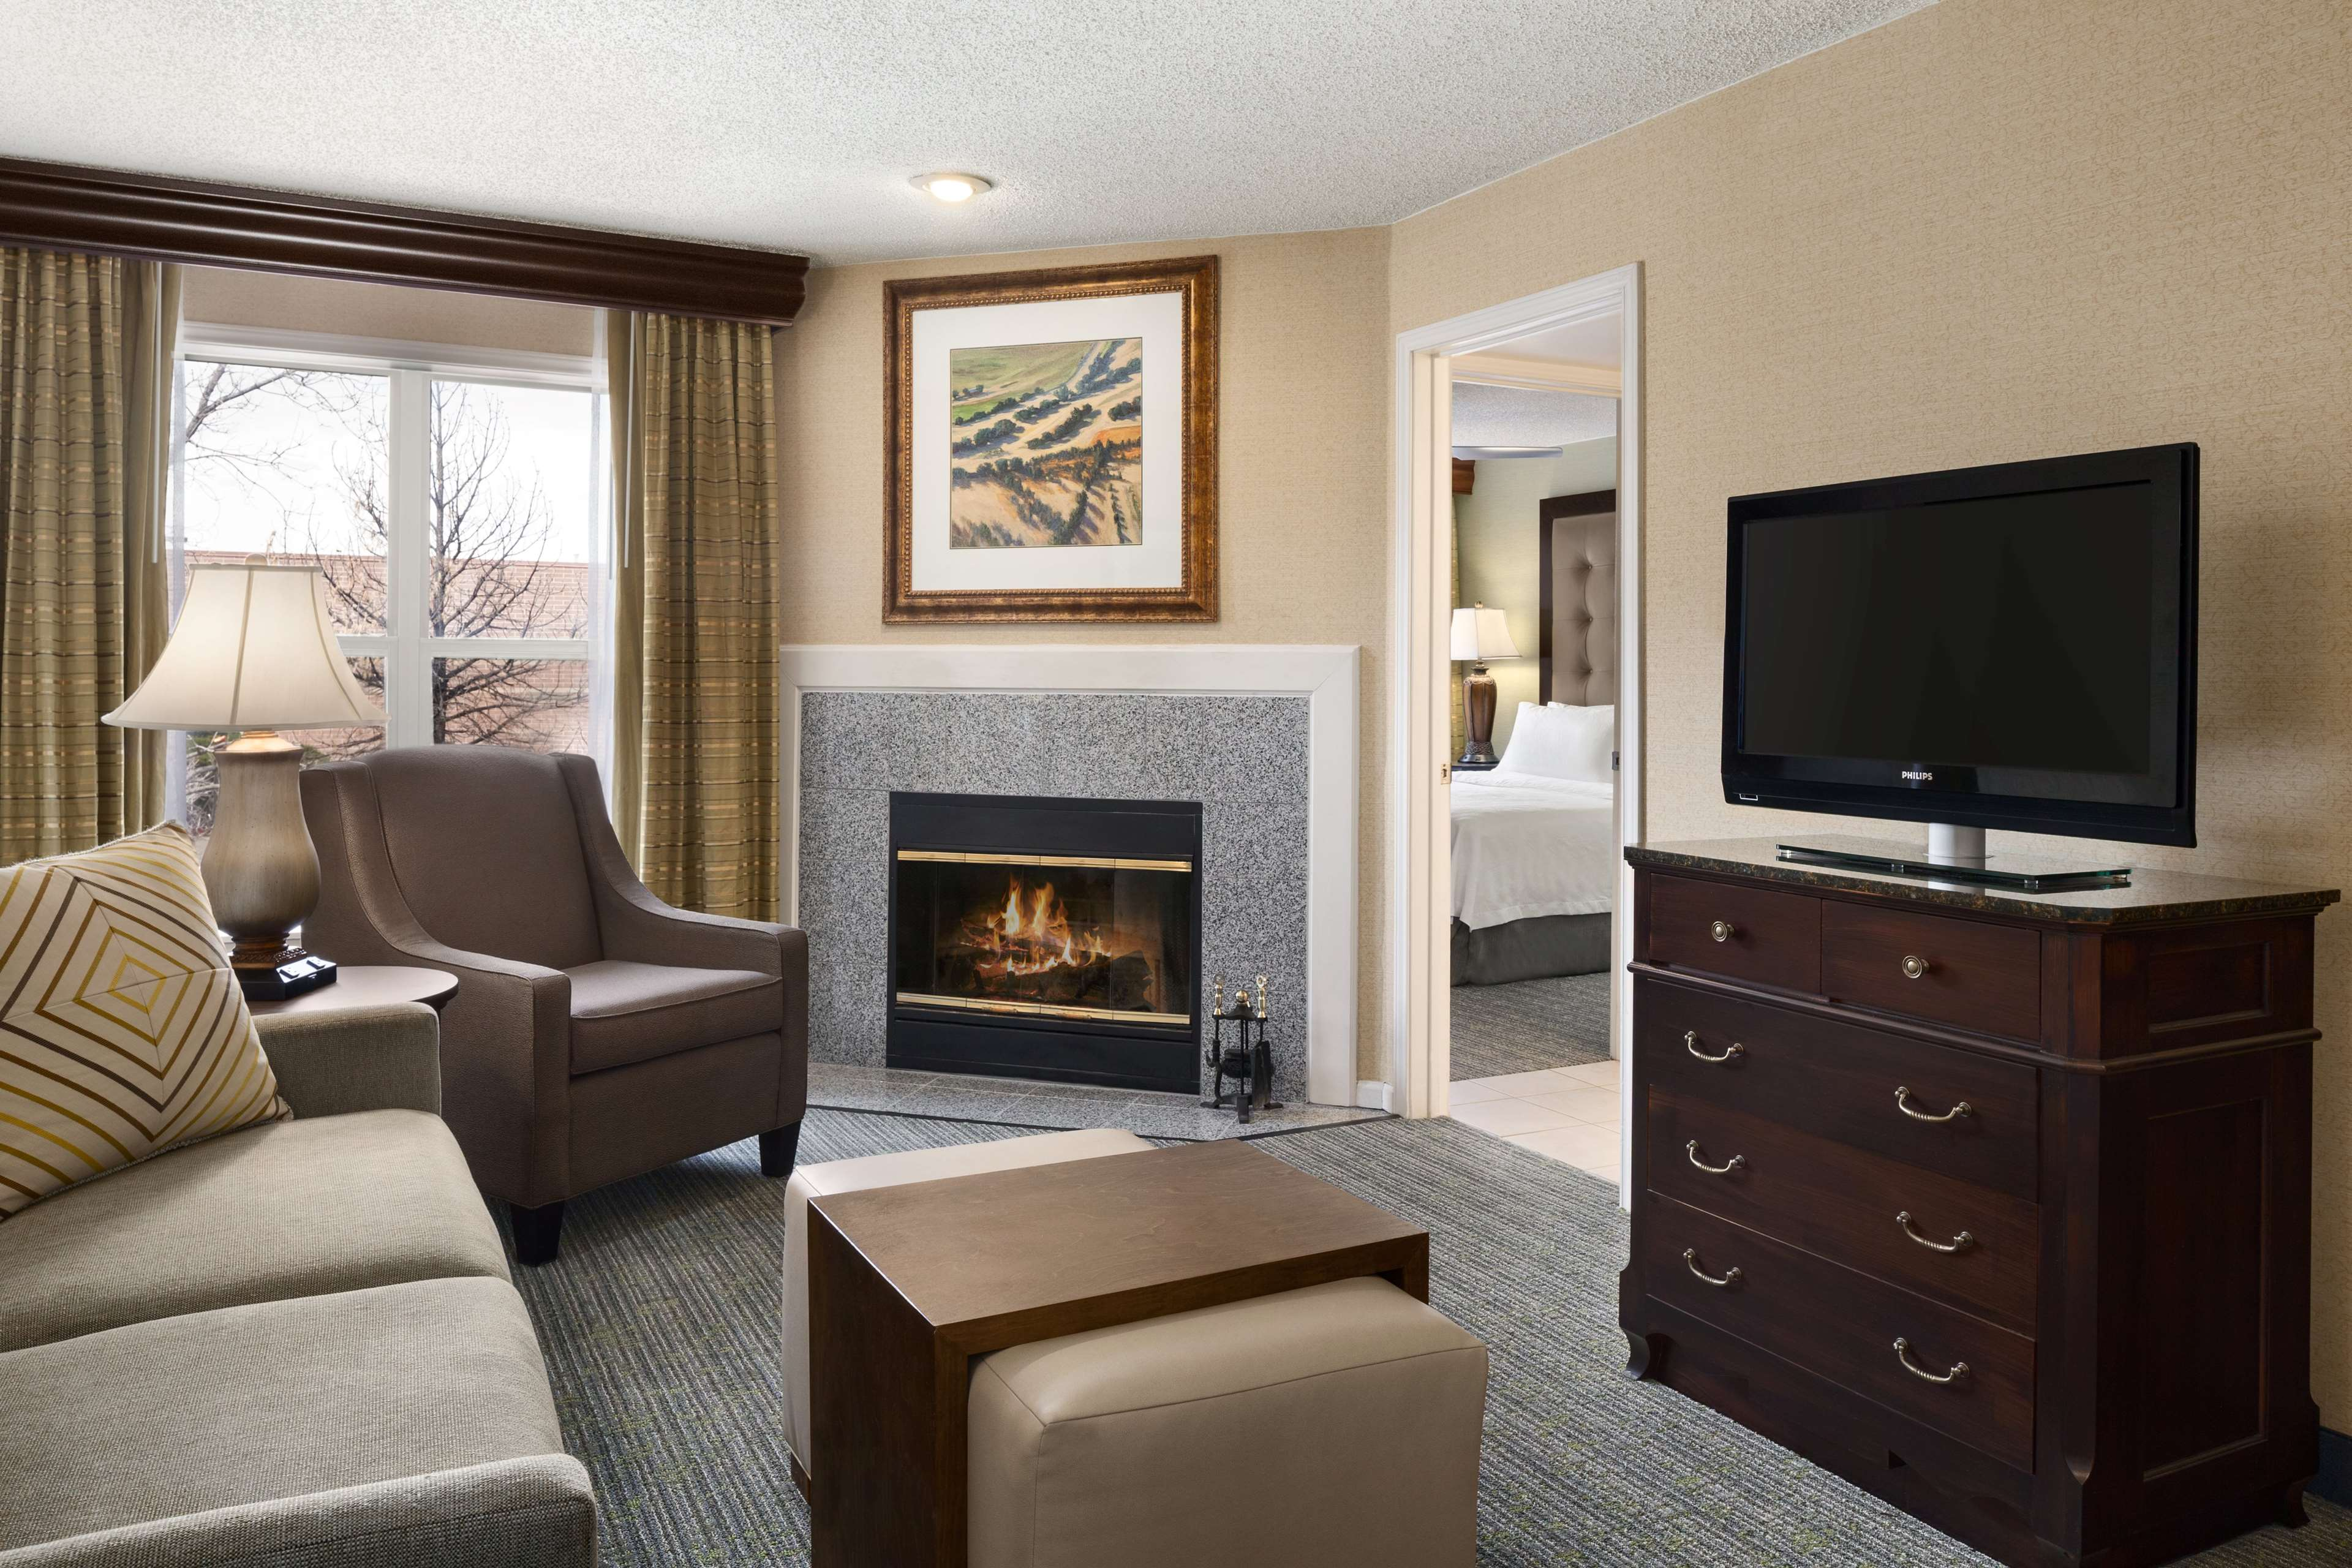 Homewood Suites by Hilton - Boulder image 20